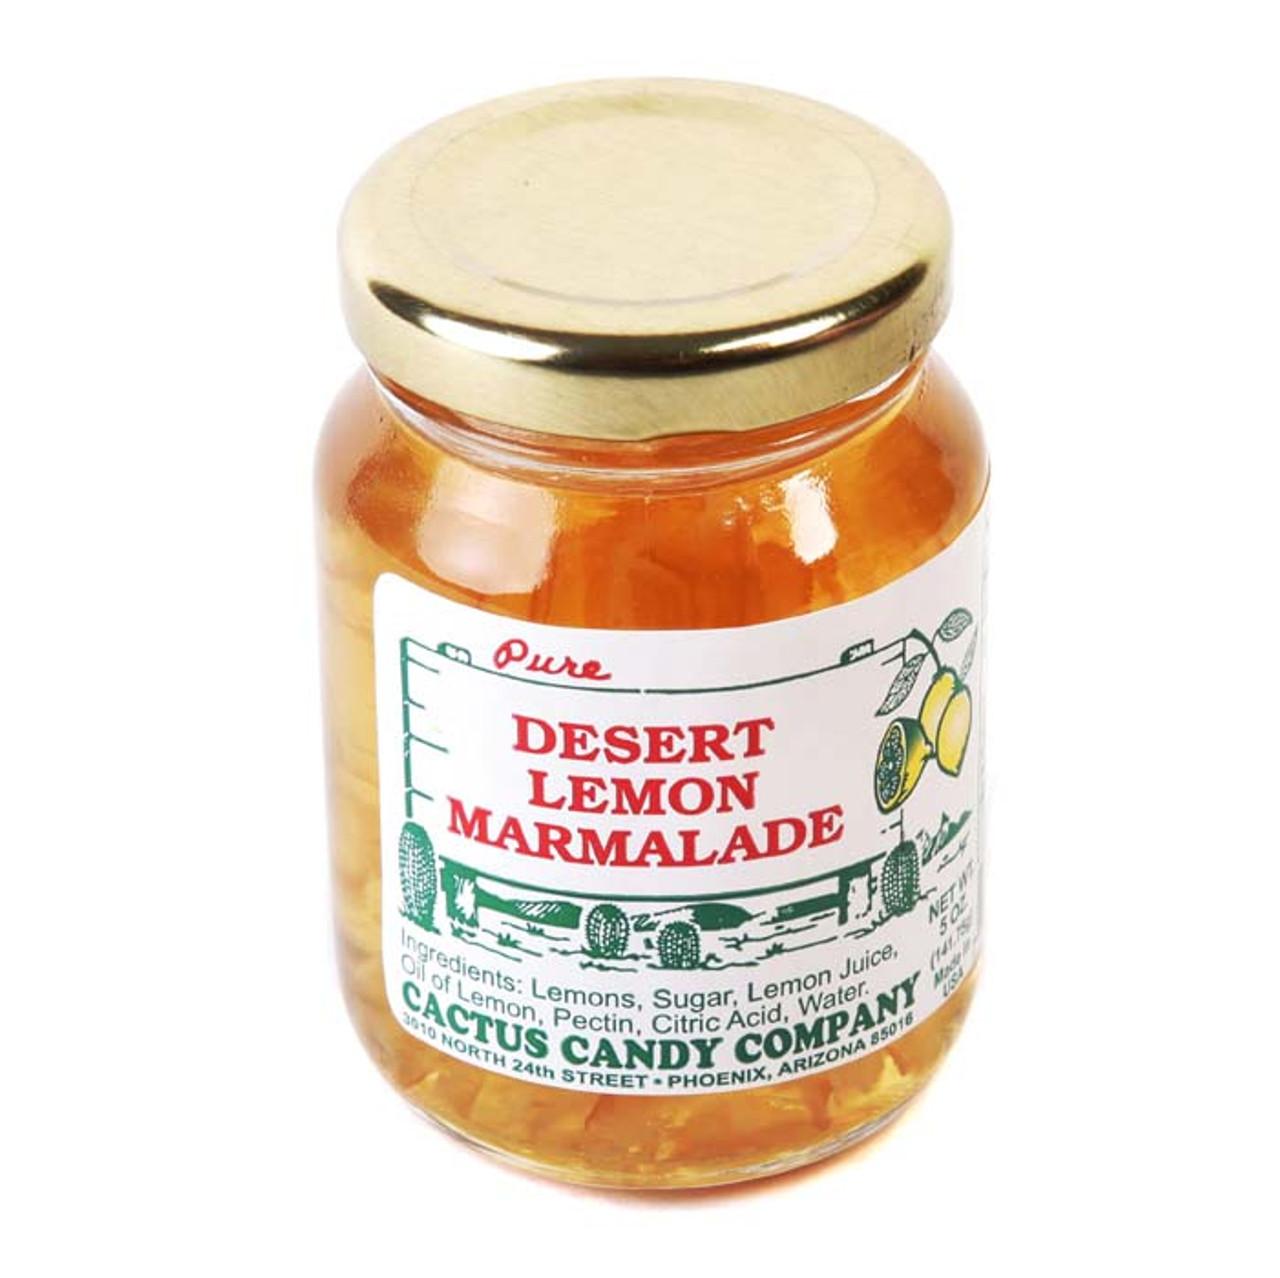 Desert Lemon Marmalade 5oz-Case of 12